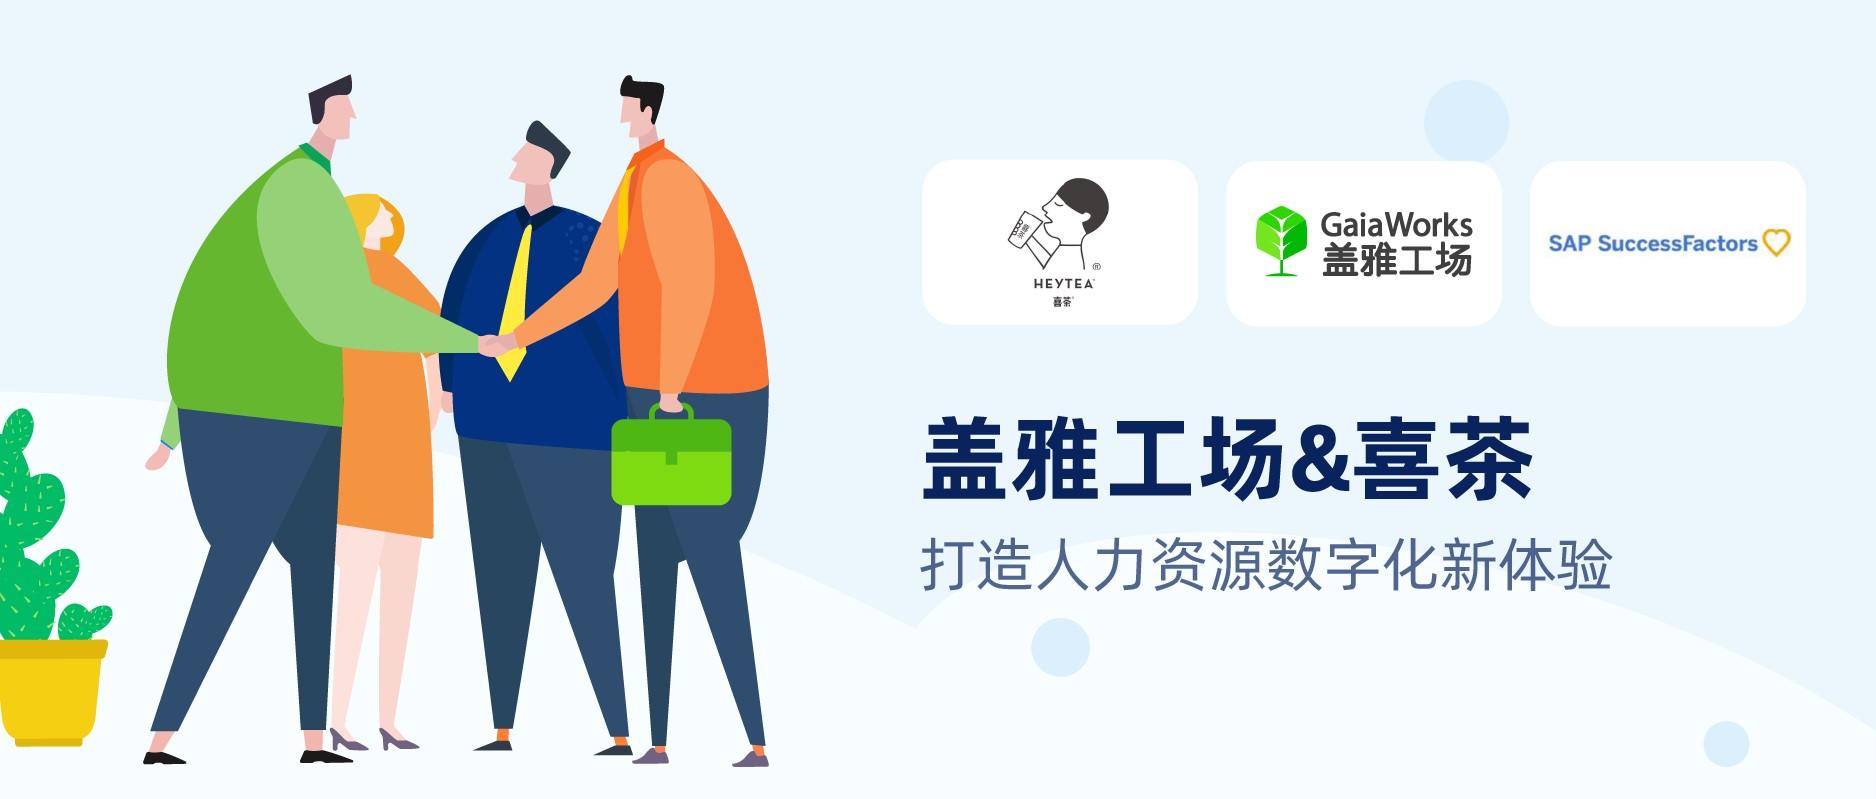 雅事 | 盖雅工场携手SAP SuccessFactors,助推喜茶人才管理跨越式发展